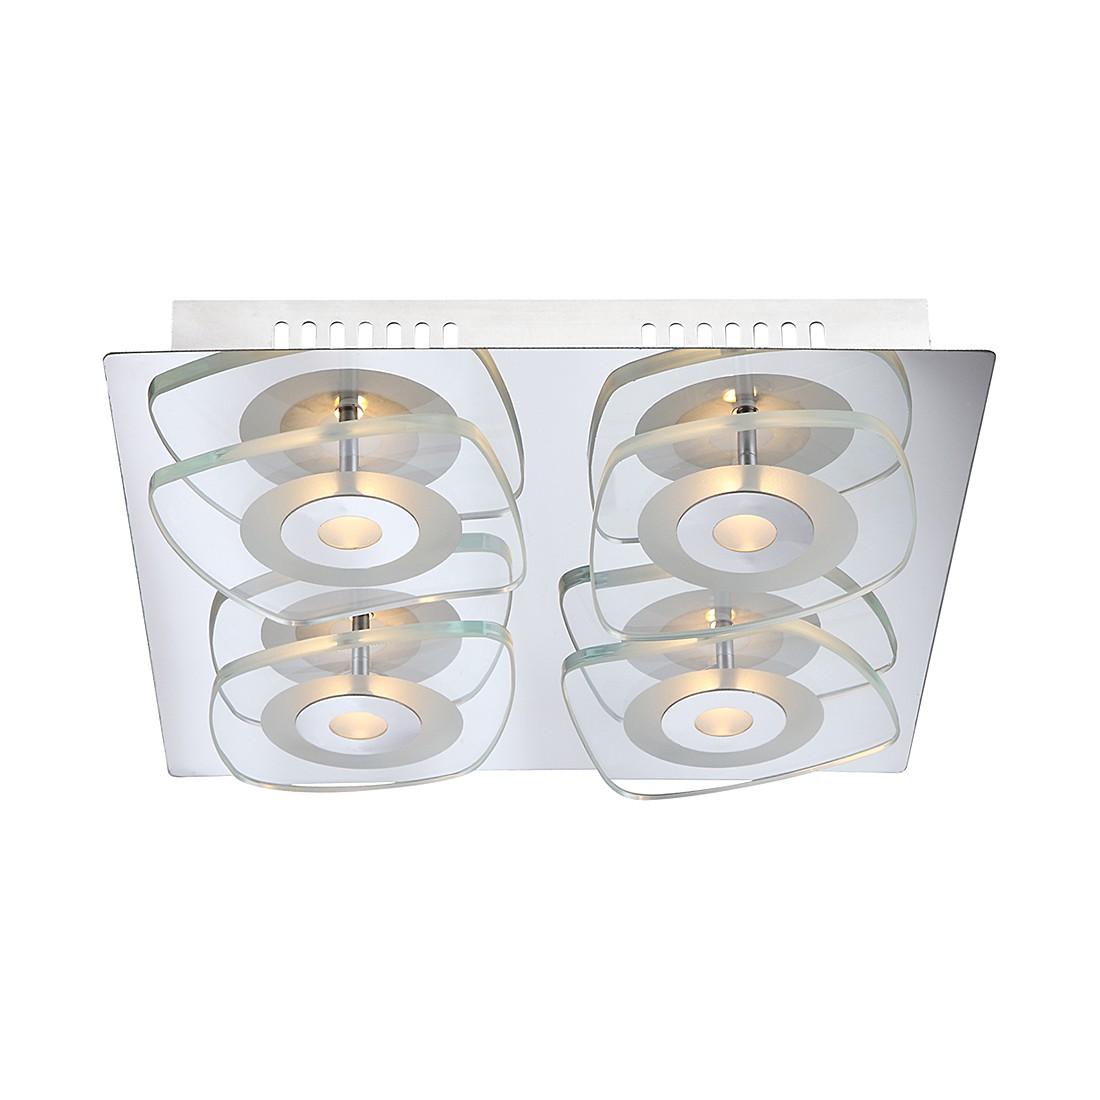 Deckenleuchte ZARIMA – Metall/Glas – 4-flammig, Globo Lighting online kaufen